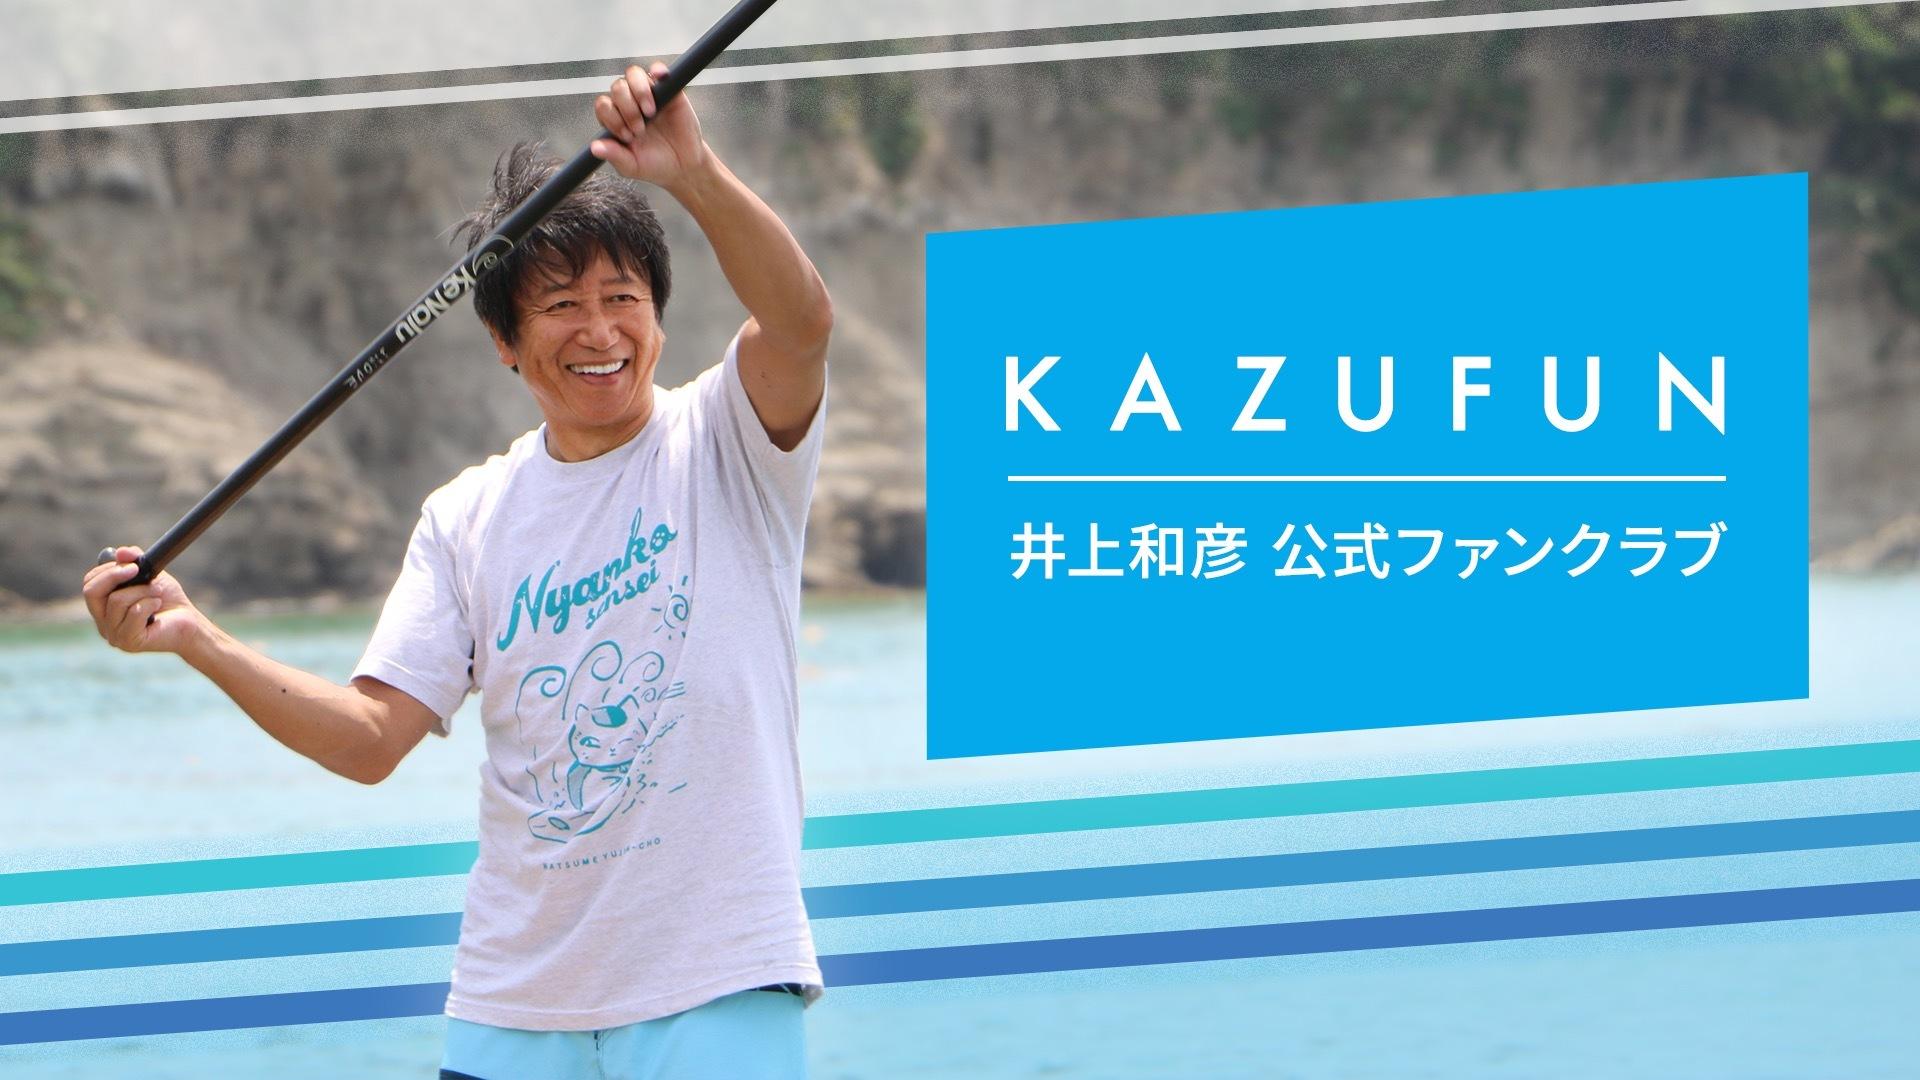 井上和彦 公式ファンクラブ KAZUFUN